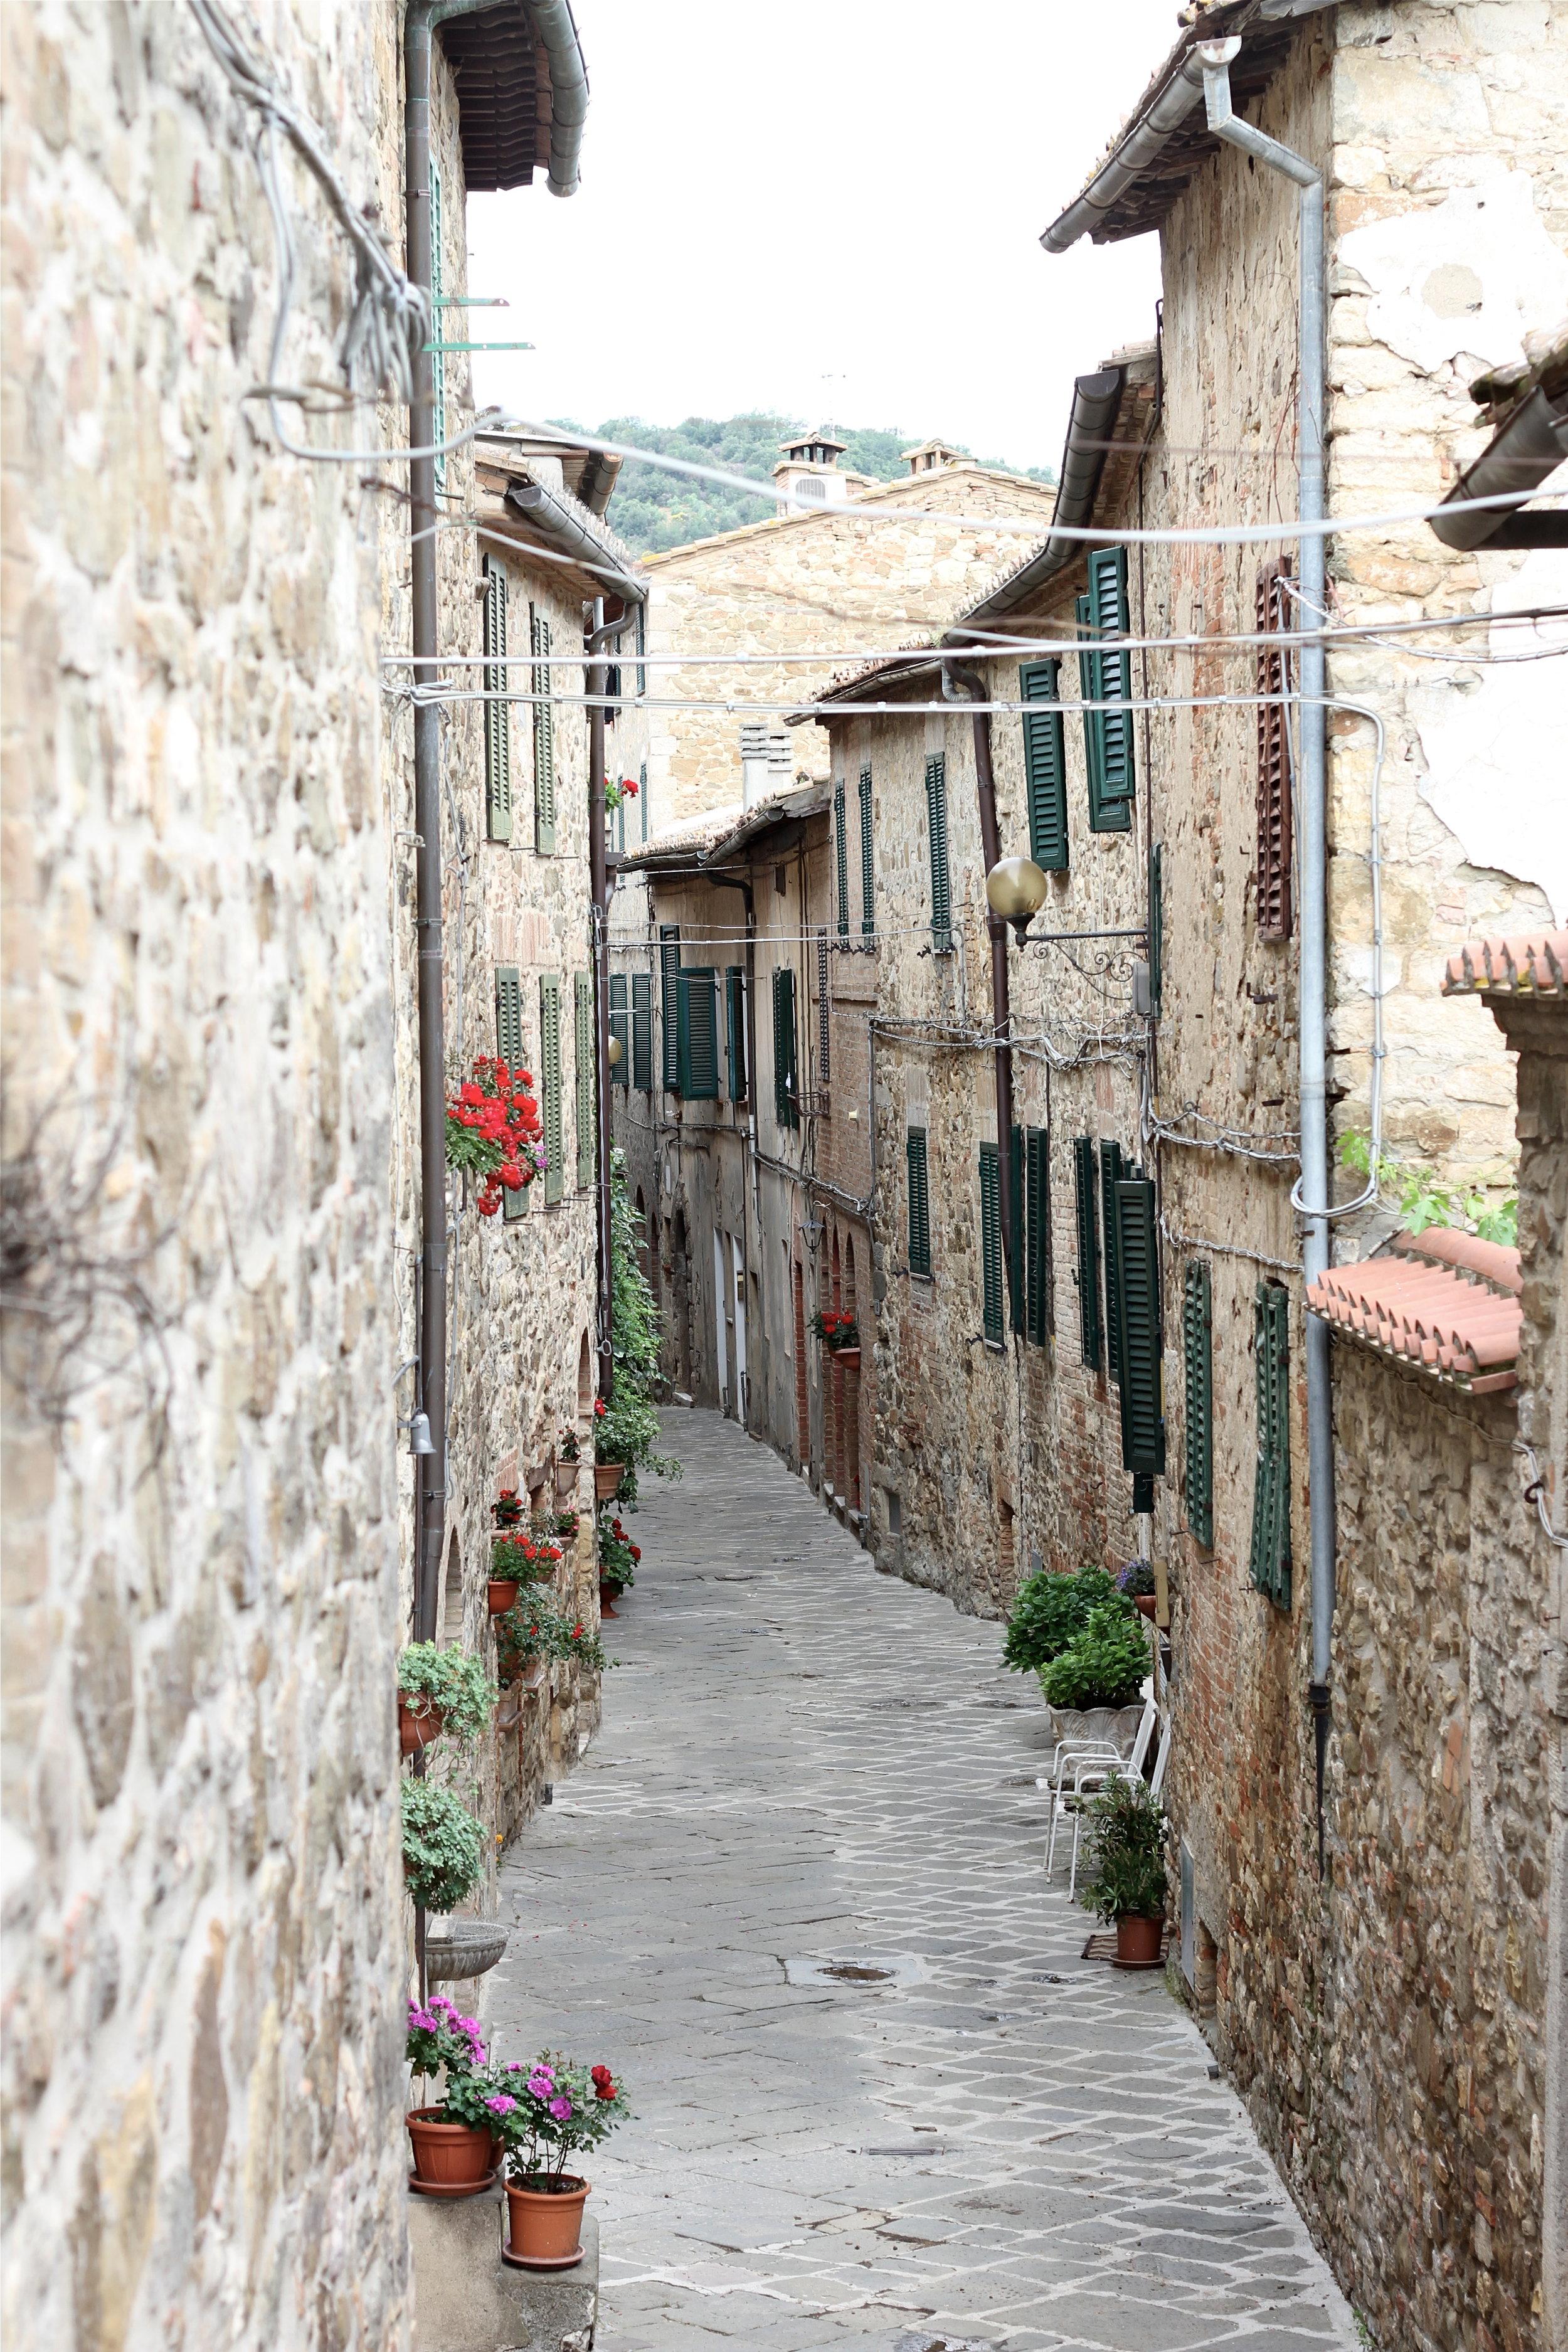 Castelnuovo dell' Abate, Montalcino, Tuscany, Italy.